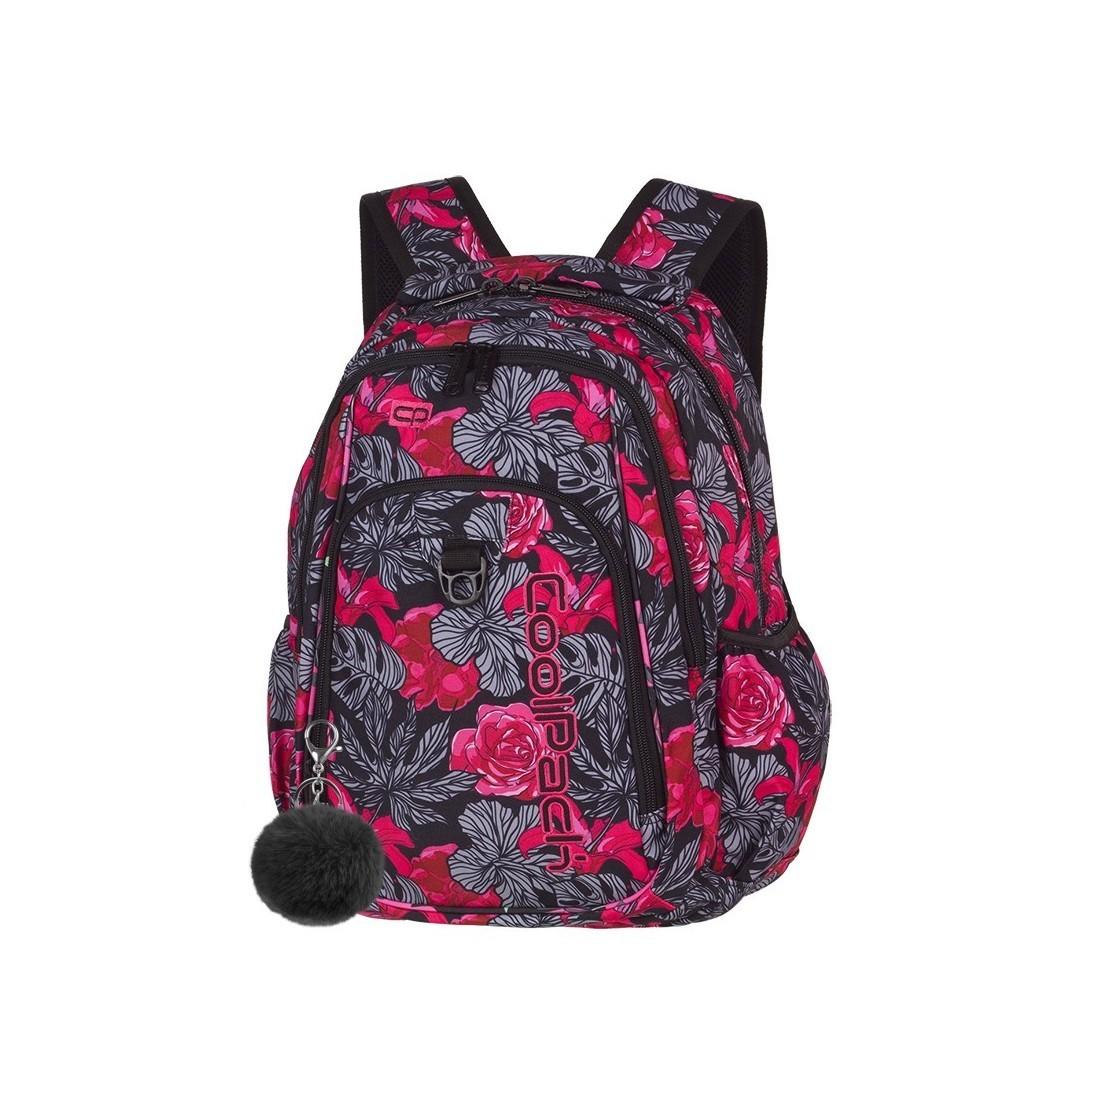 4d74cb4329172 Plecak szkolny CoolPack CP STRIKE RED & BLACK FLOWERS czerwone hiszpańskie  róże dla dziewczyny - A241 ...